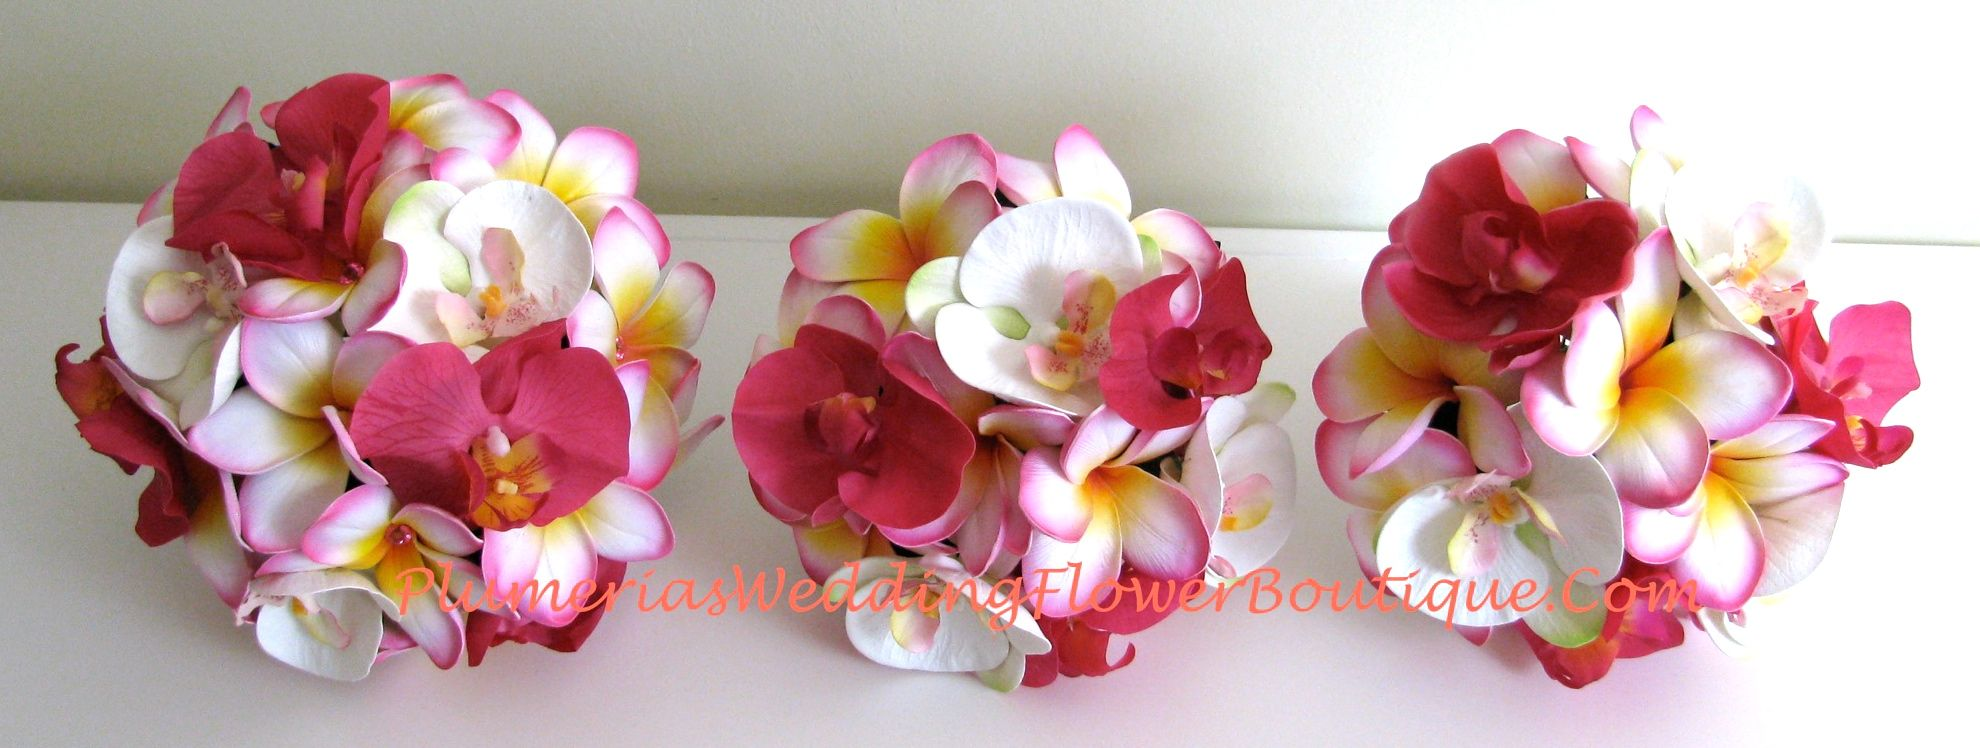 Plumerias Wedding Flower Boutique